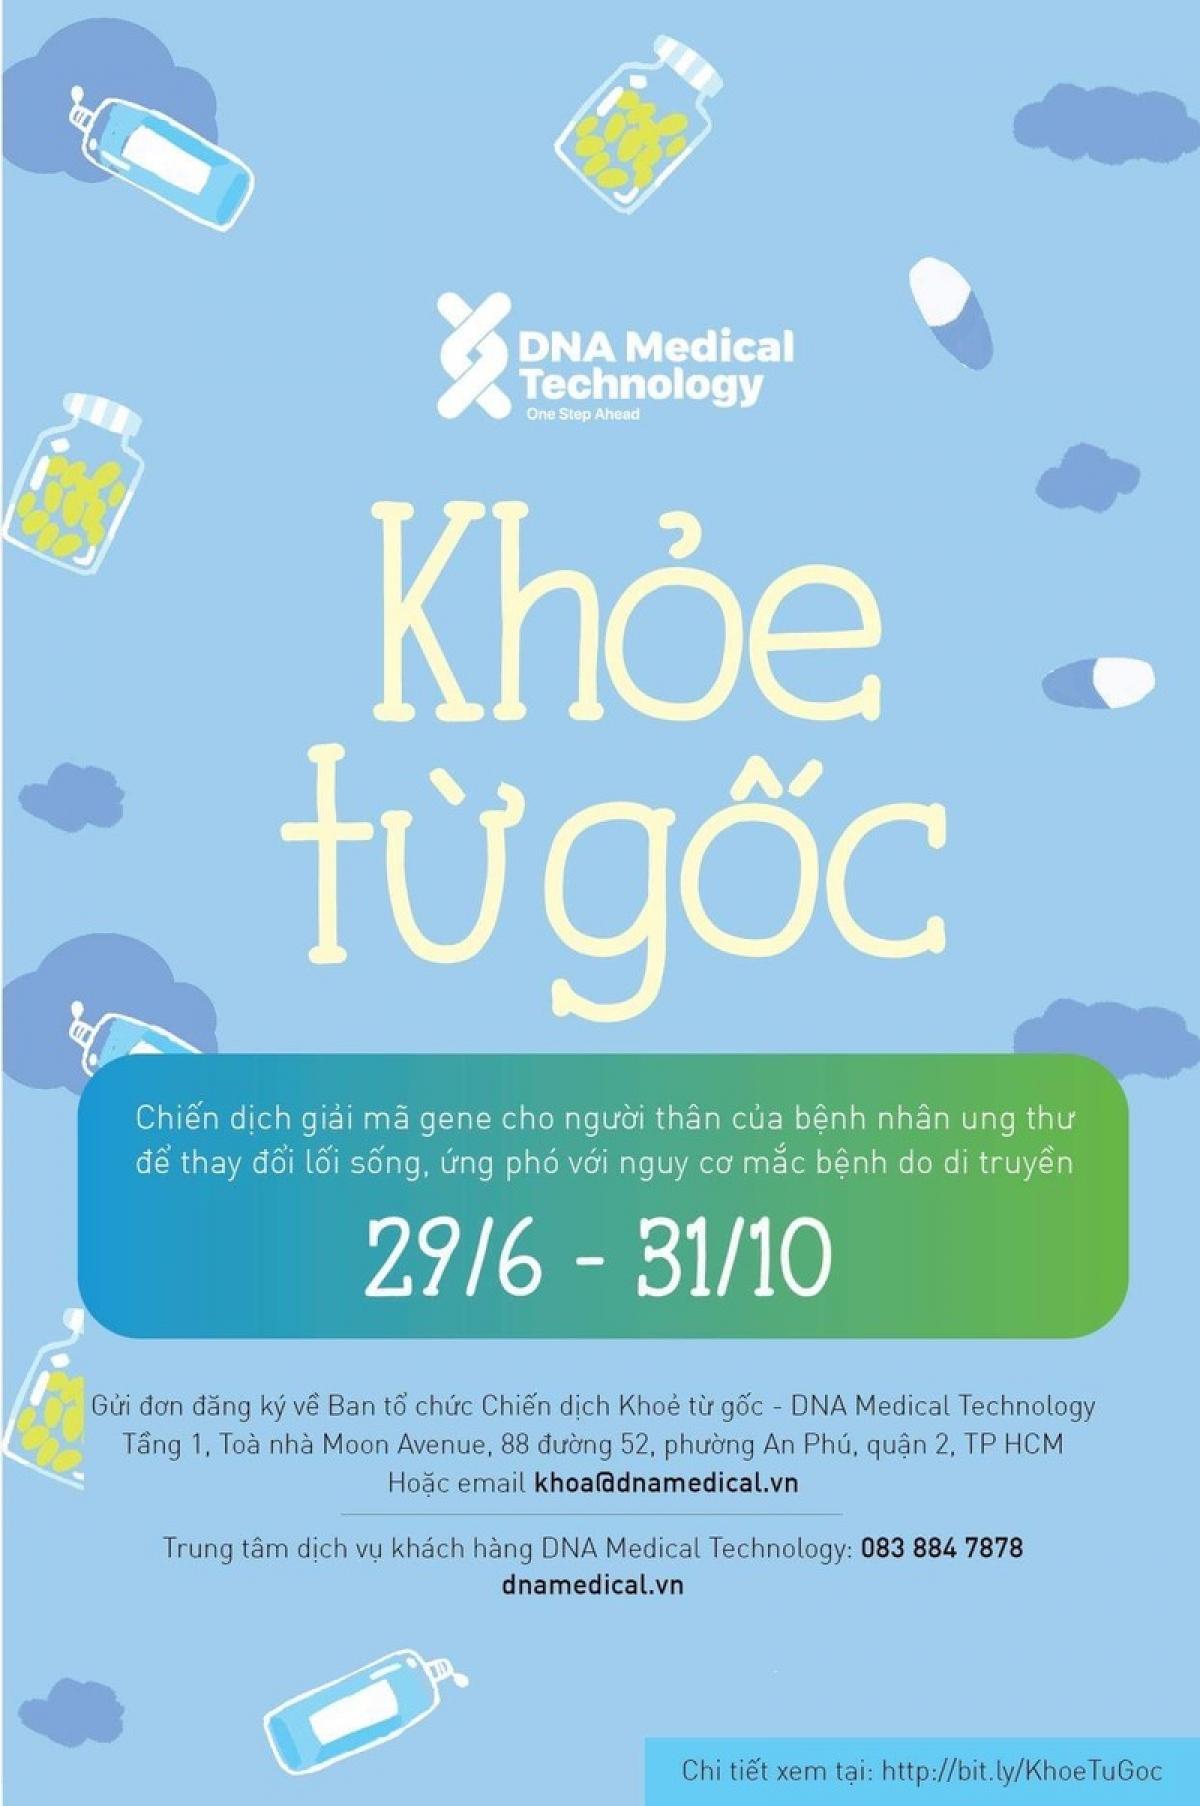 Chiến dịch Khỏe Từ Gốc giúp nâng cao nhận thức của người dân Việt Nam về nguy cơ ung thư từ di truyền.